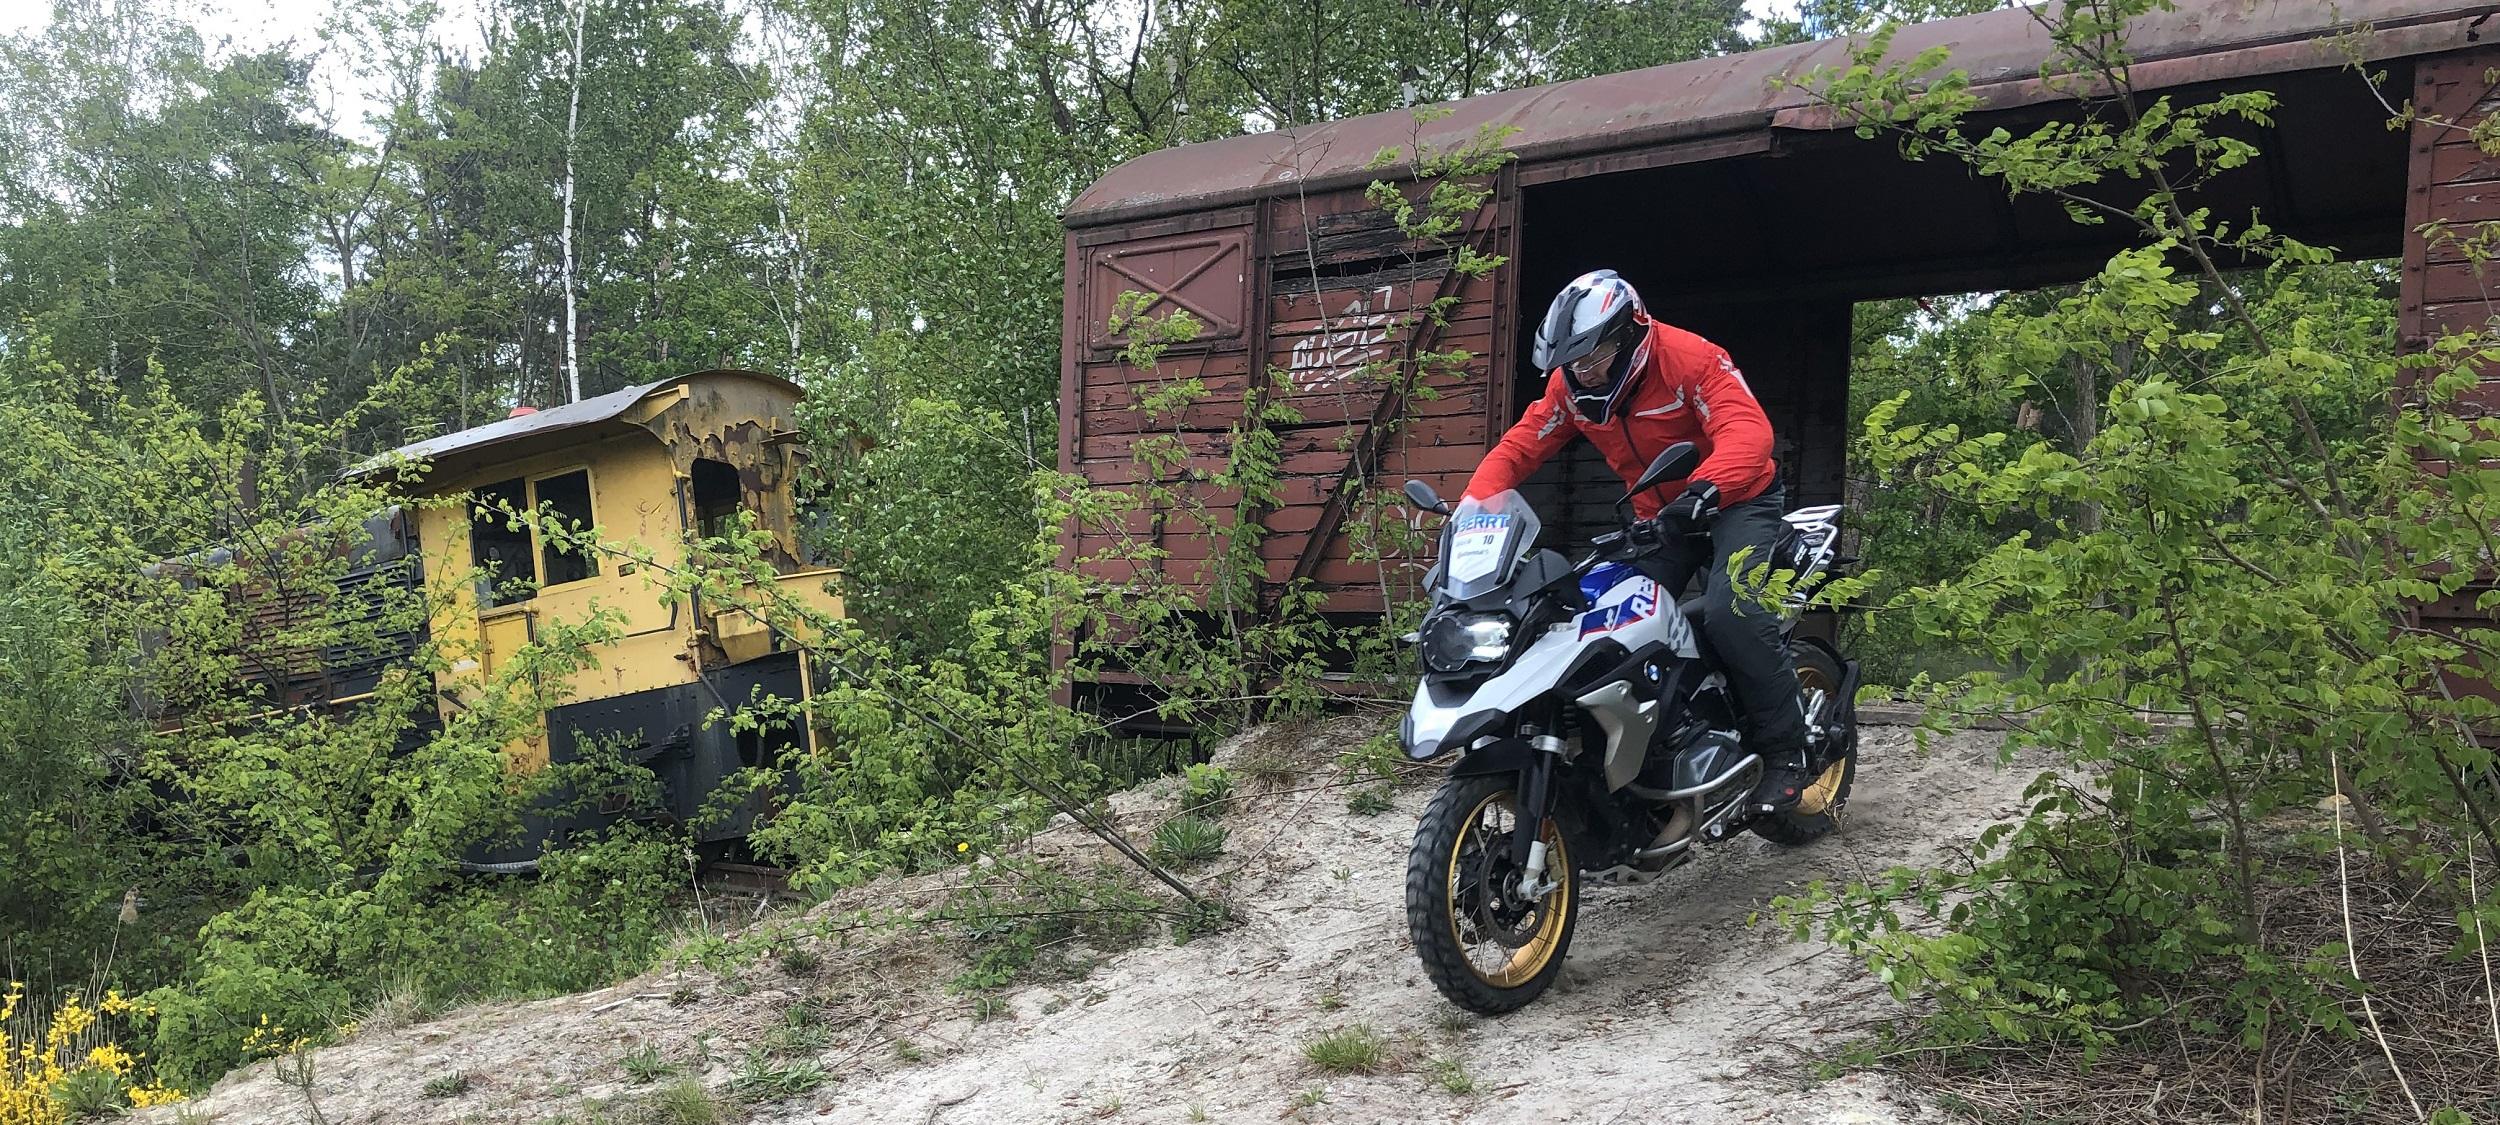 Experience Island Adventure Trial training voor beter allroad motorrijden slider